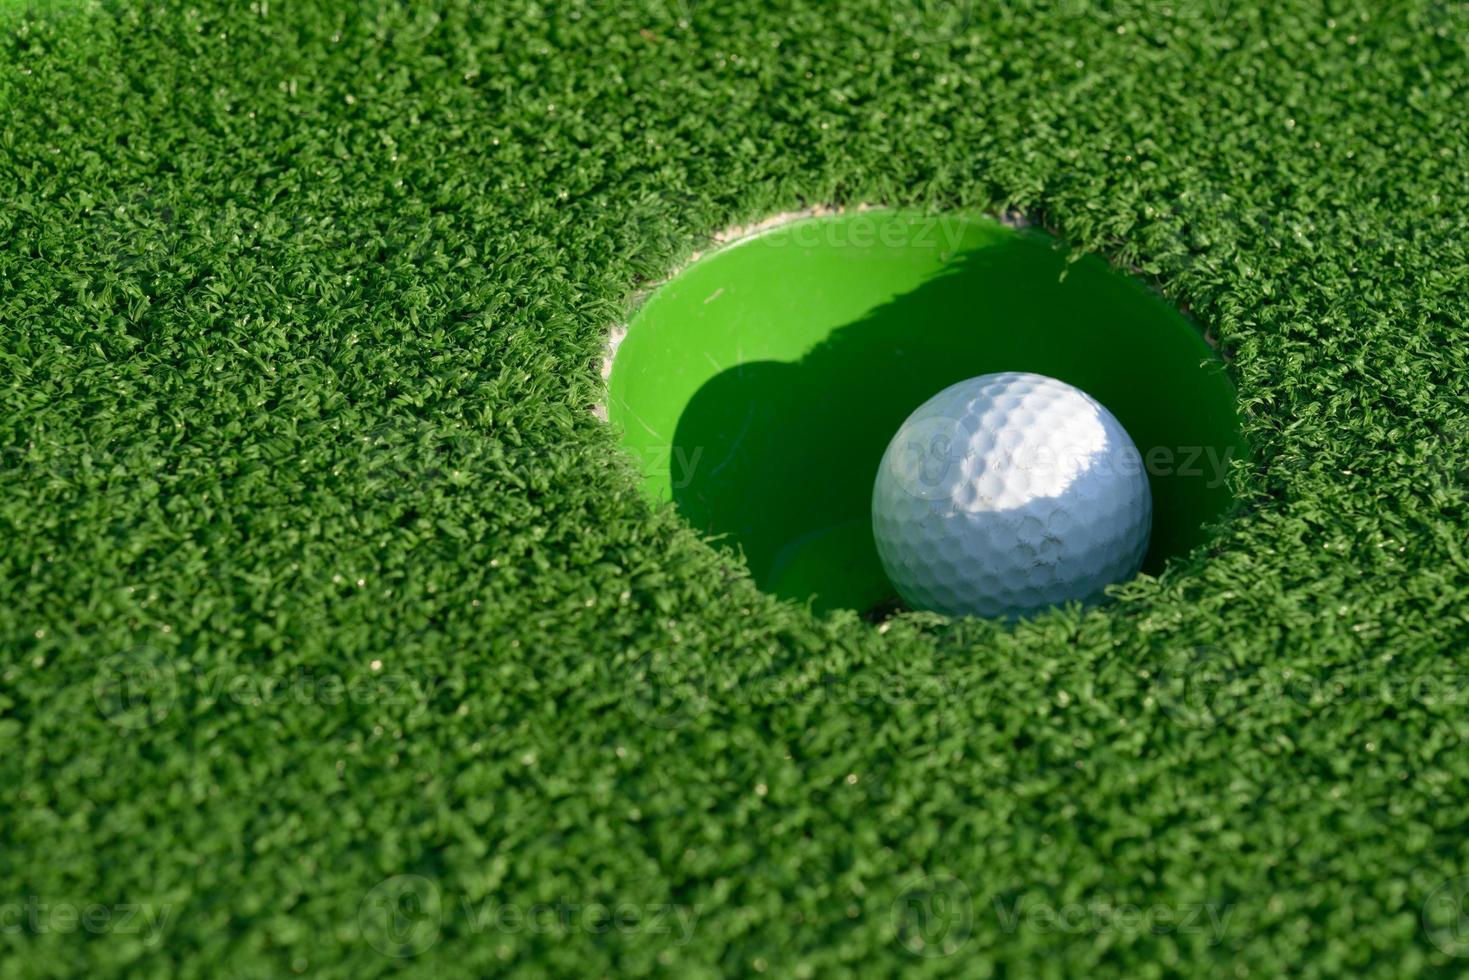 Minigolfball in einem Loch foto